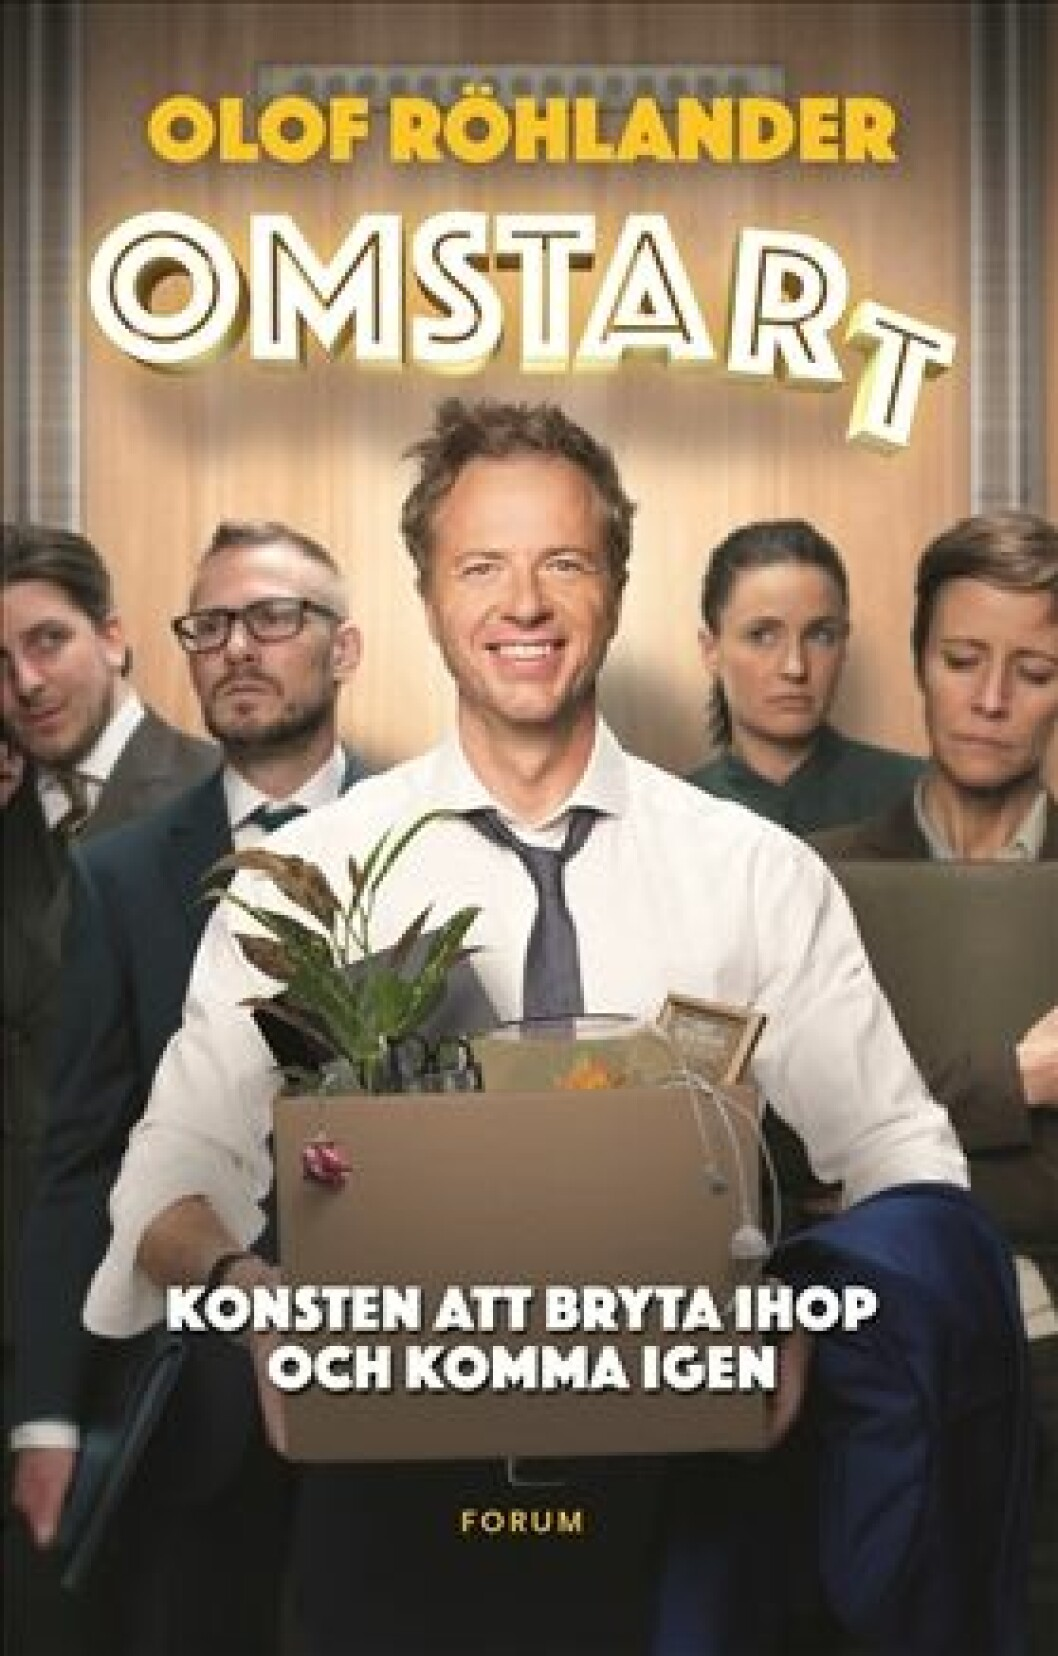 Boken Omstart av Olof Röhlander